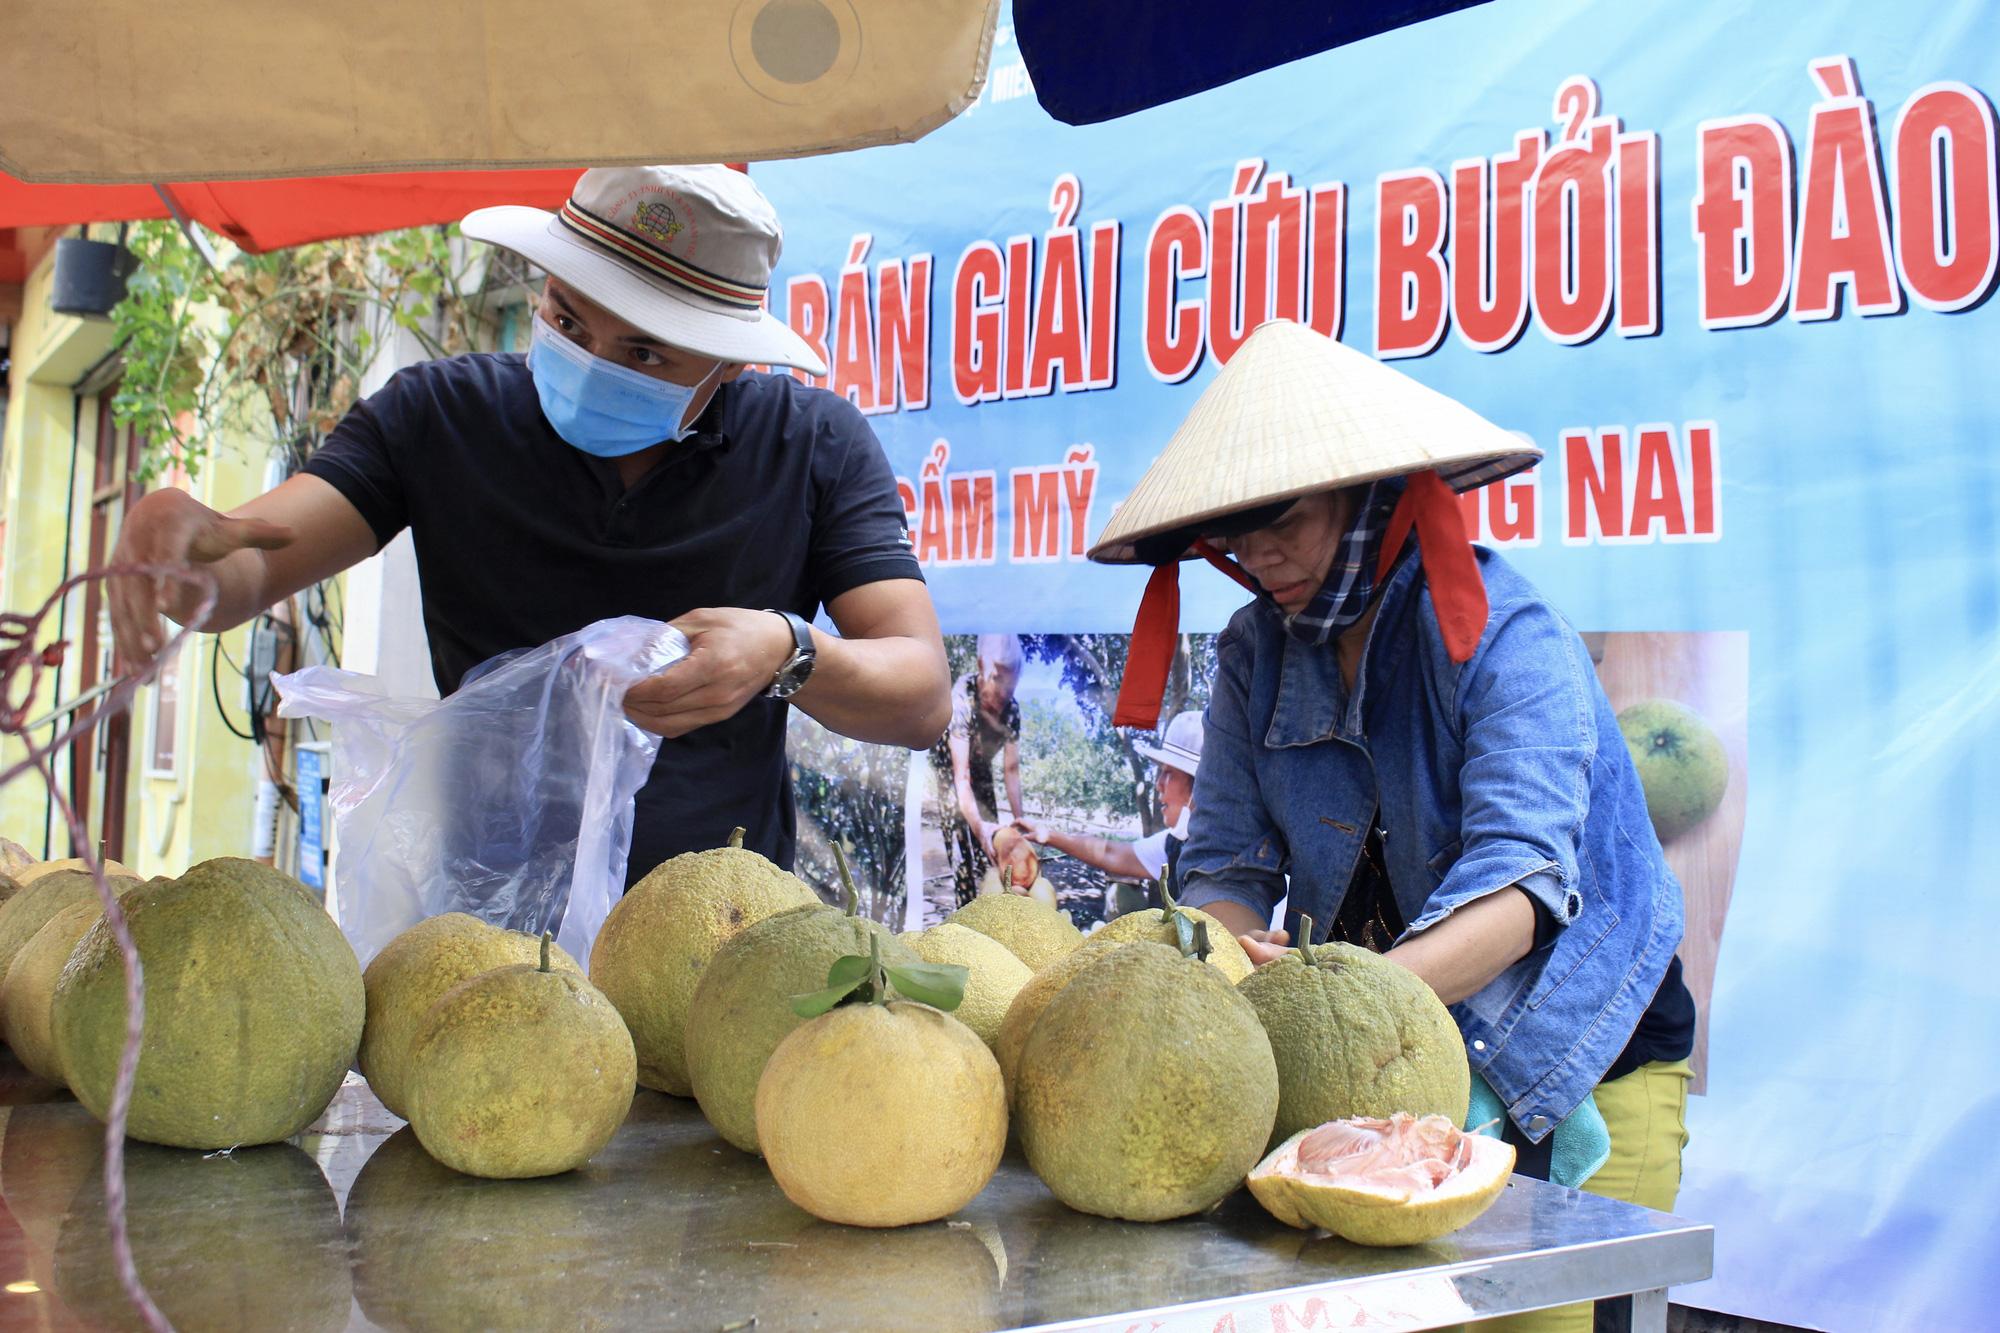 Ảnh: Cảm động người dân TP.HCM ùn ùn giải cứu rau củ Hải Dương, bưởi đặc sản hỗ trợ nông dân - Ảnh 9.